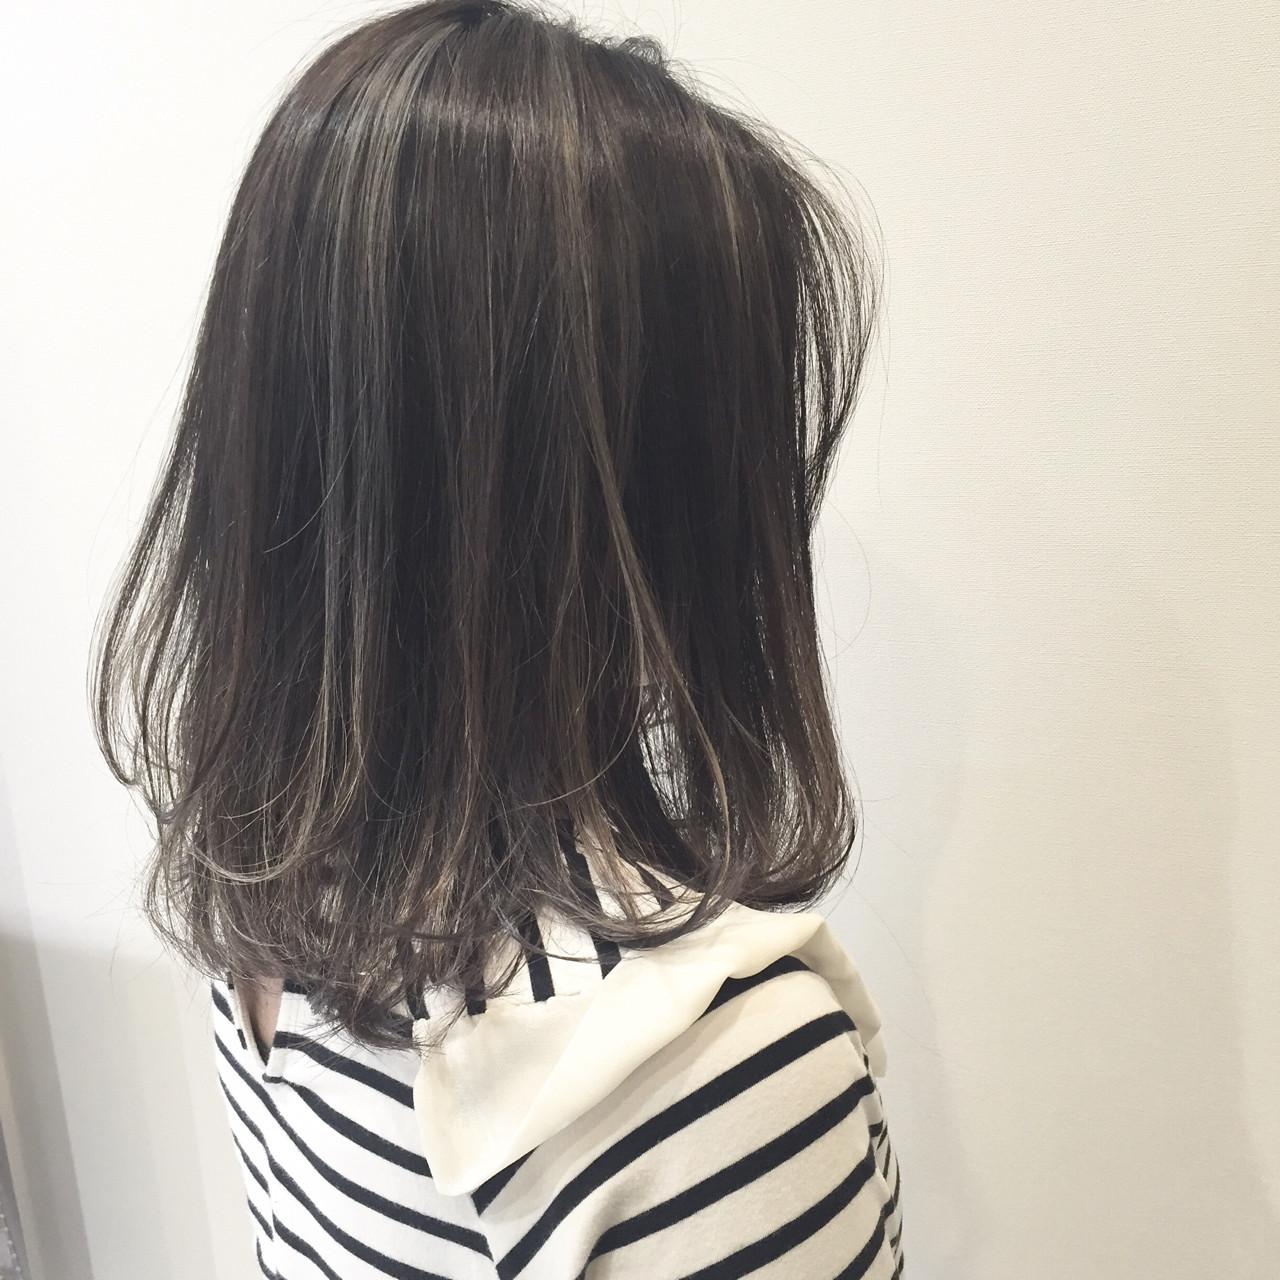 アッシュ グレージュ ウェットヘア ミディアム ヘアスタイルや髪型の写真・画像 | Wataru Kitazawa / hair&nail IVY